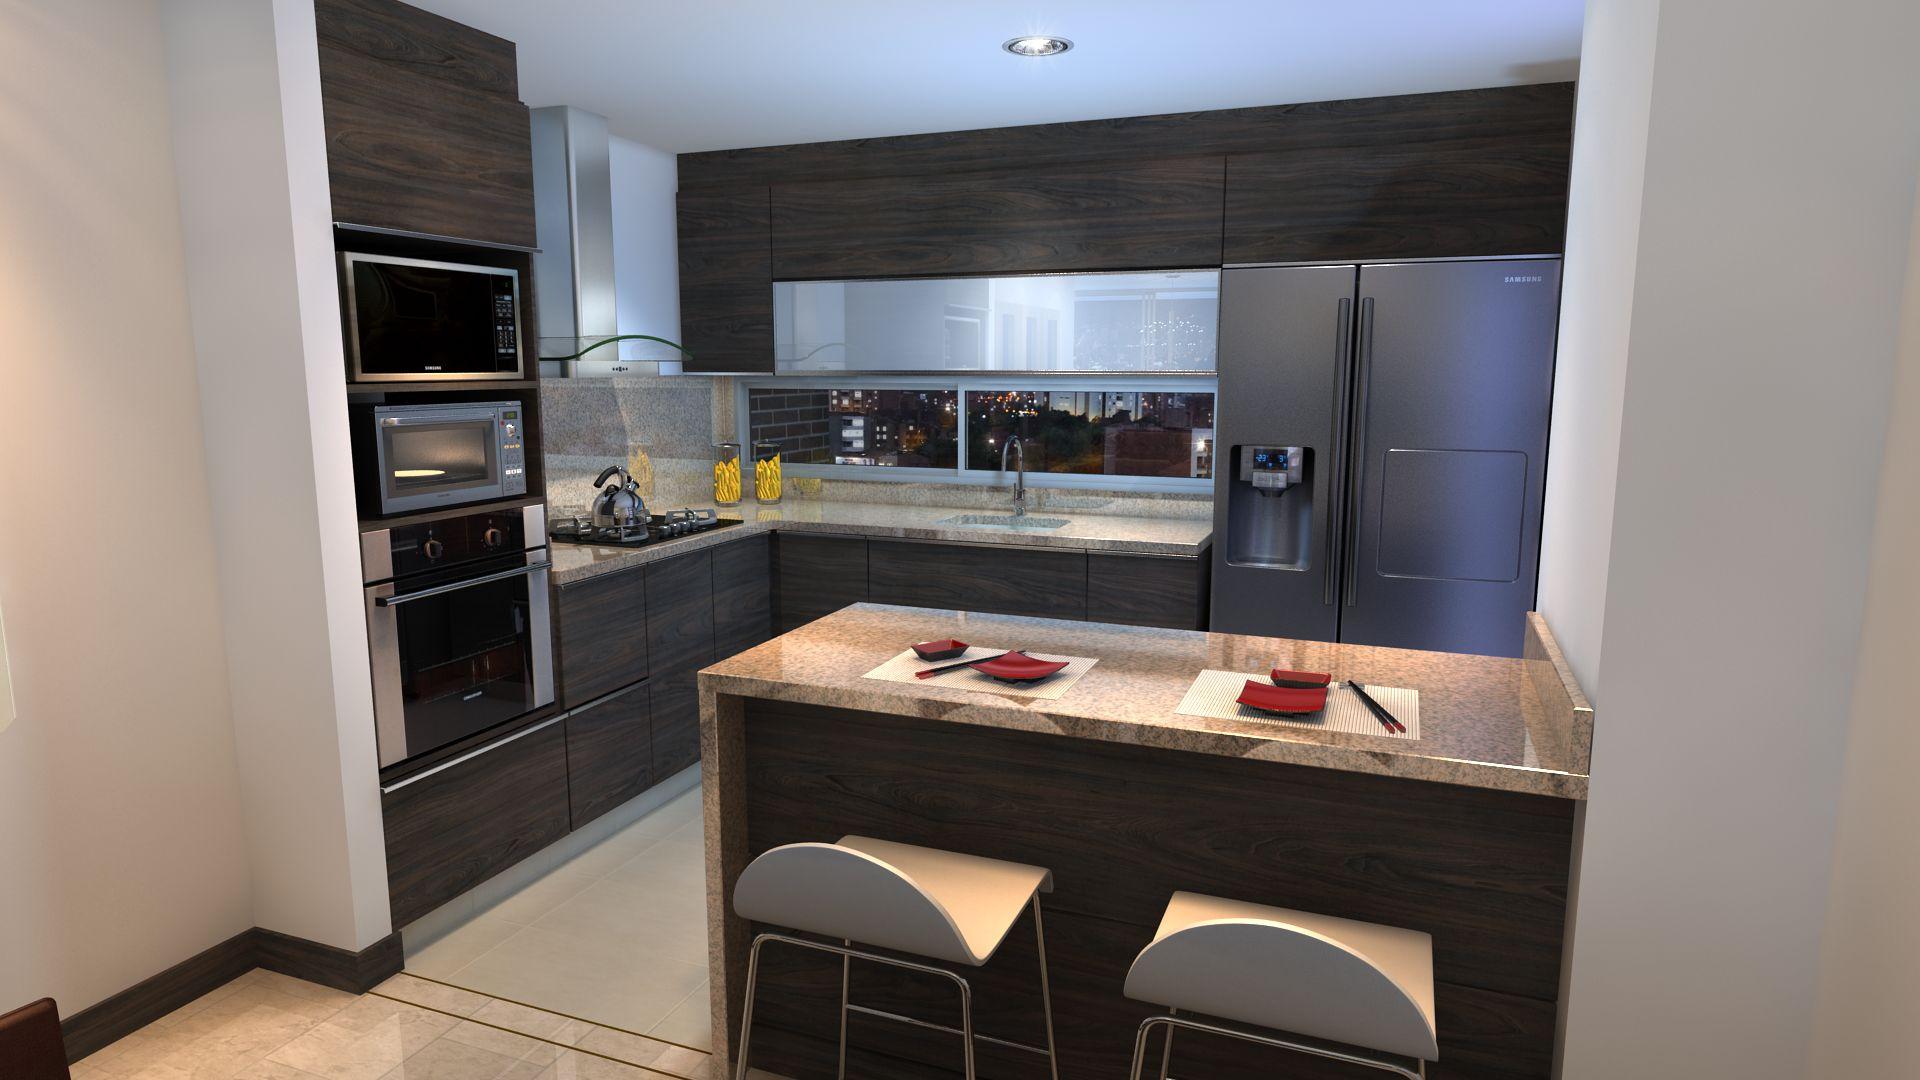 Saint etienne apartamentos en laureles for Hornos para cocina